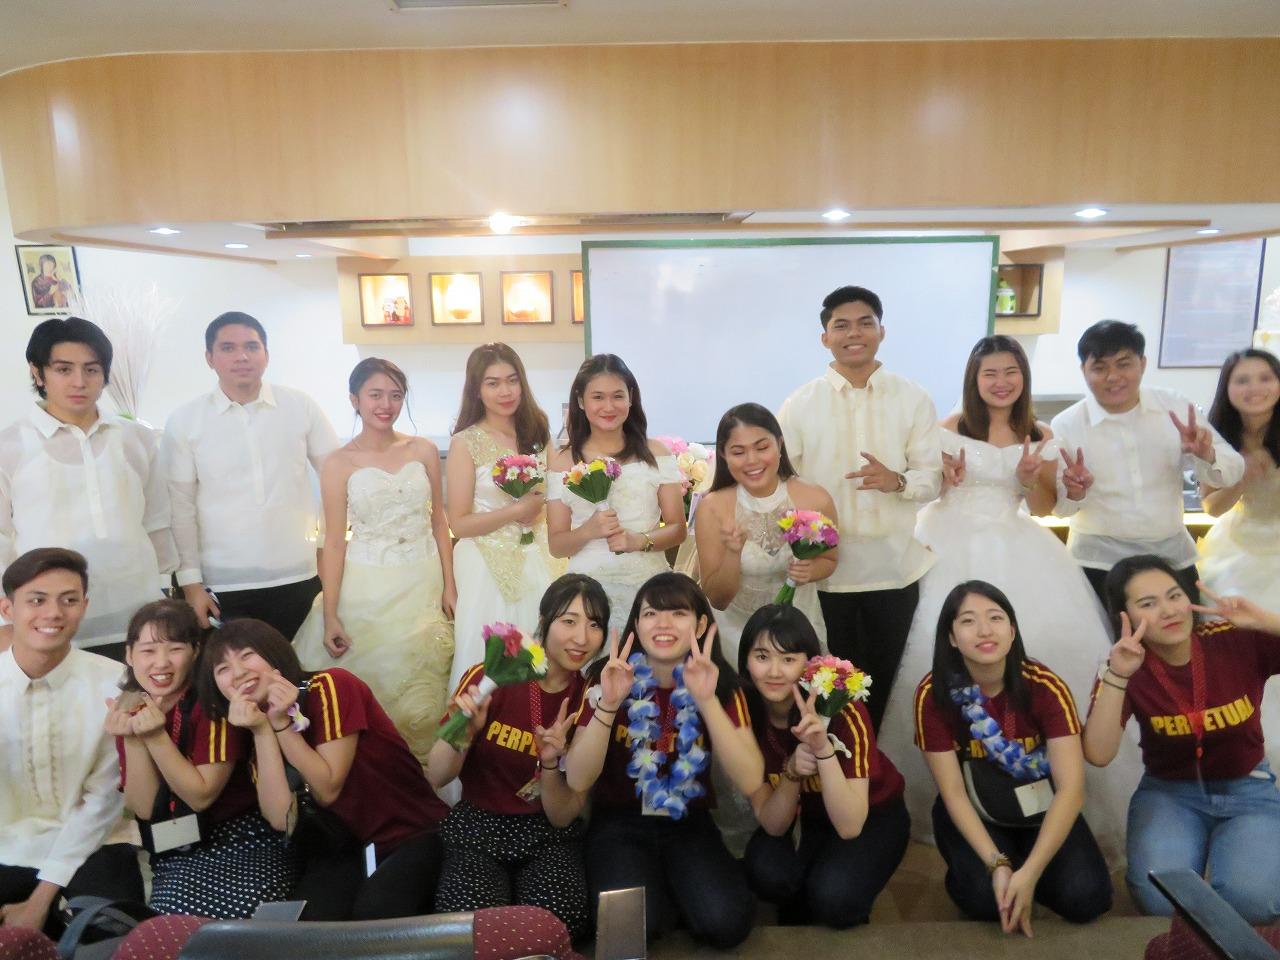 フィリピン模擬挙式を体験